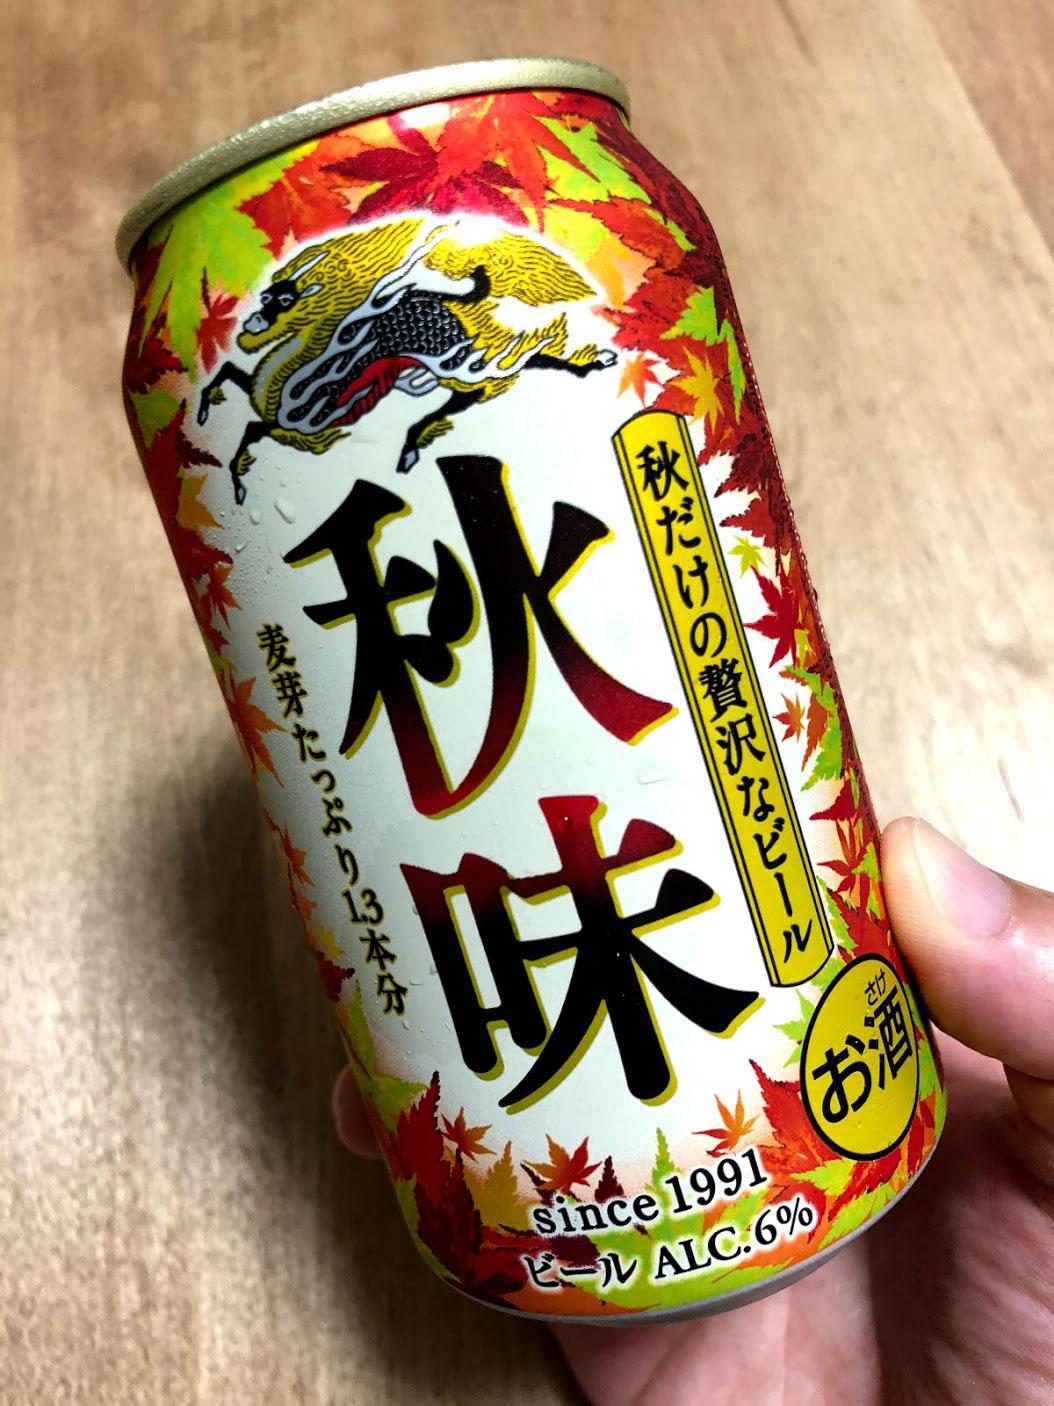 キリン秋味ビール2018を飲んで評価してみたログ Xnonon Blog